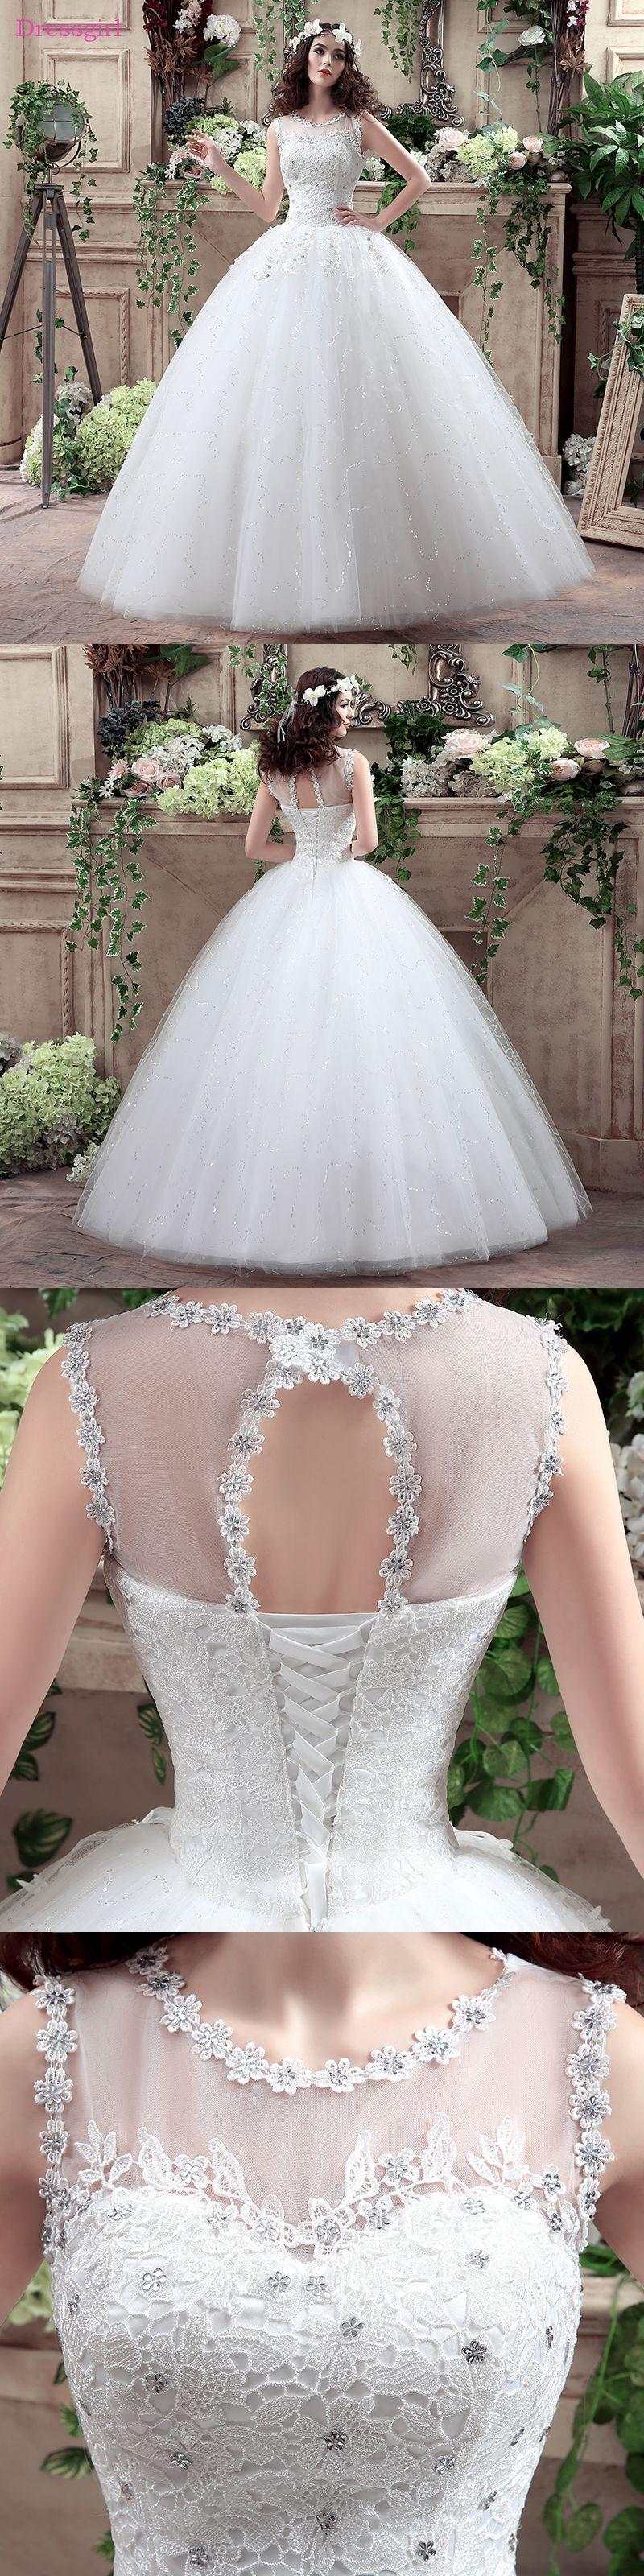 Plus size vestido de noiva wedding dresses ball gown tulle lace